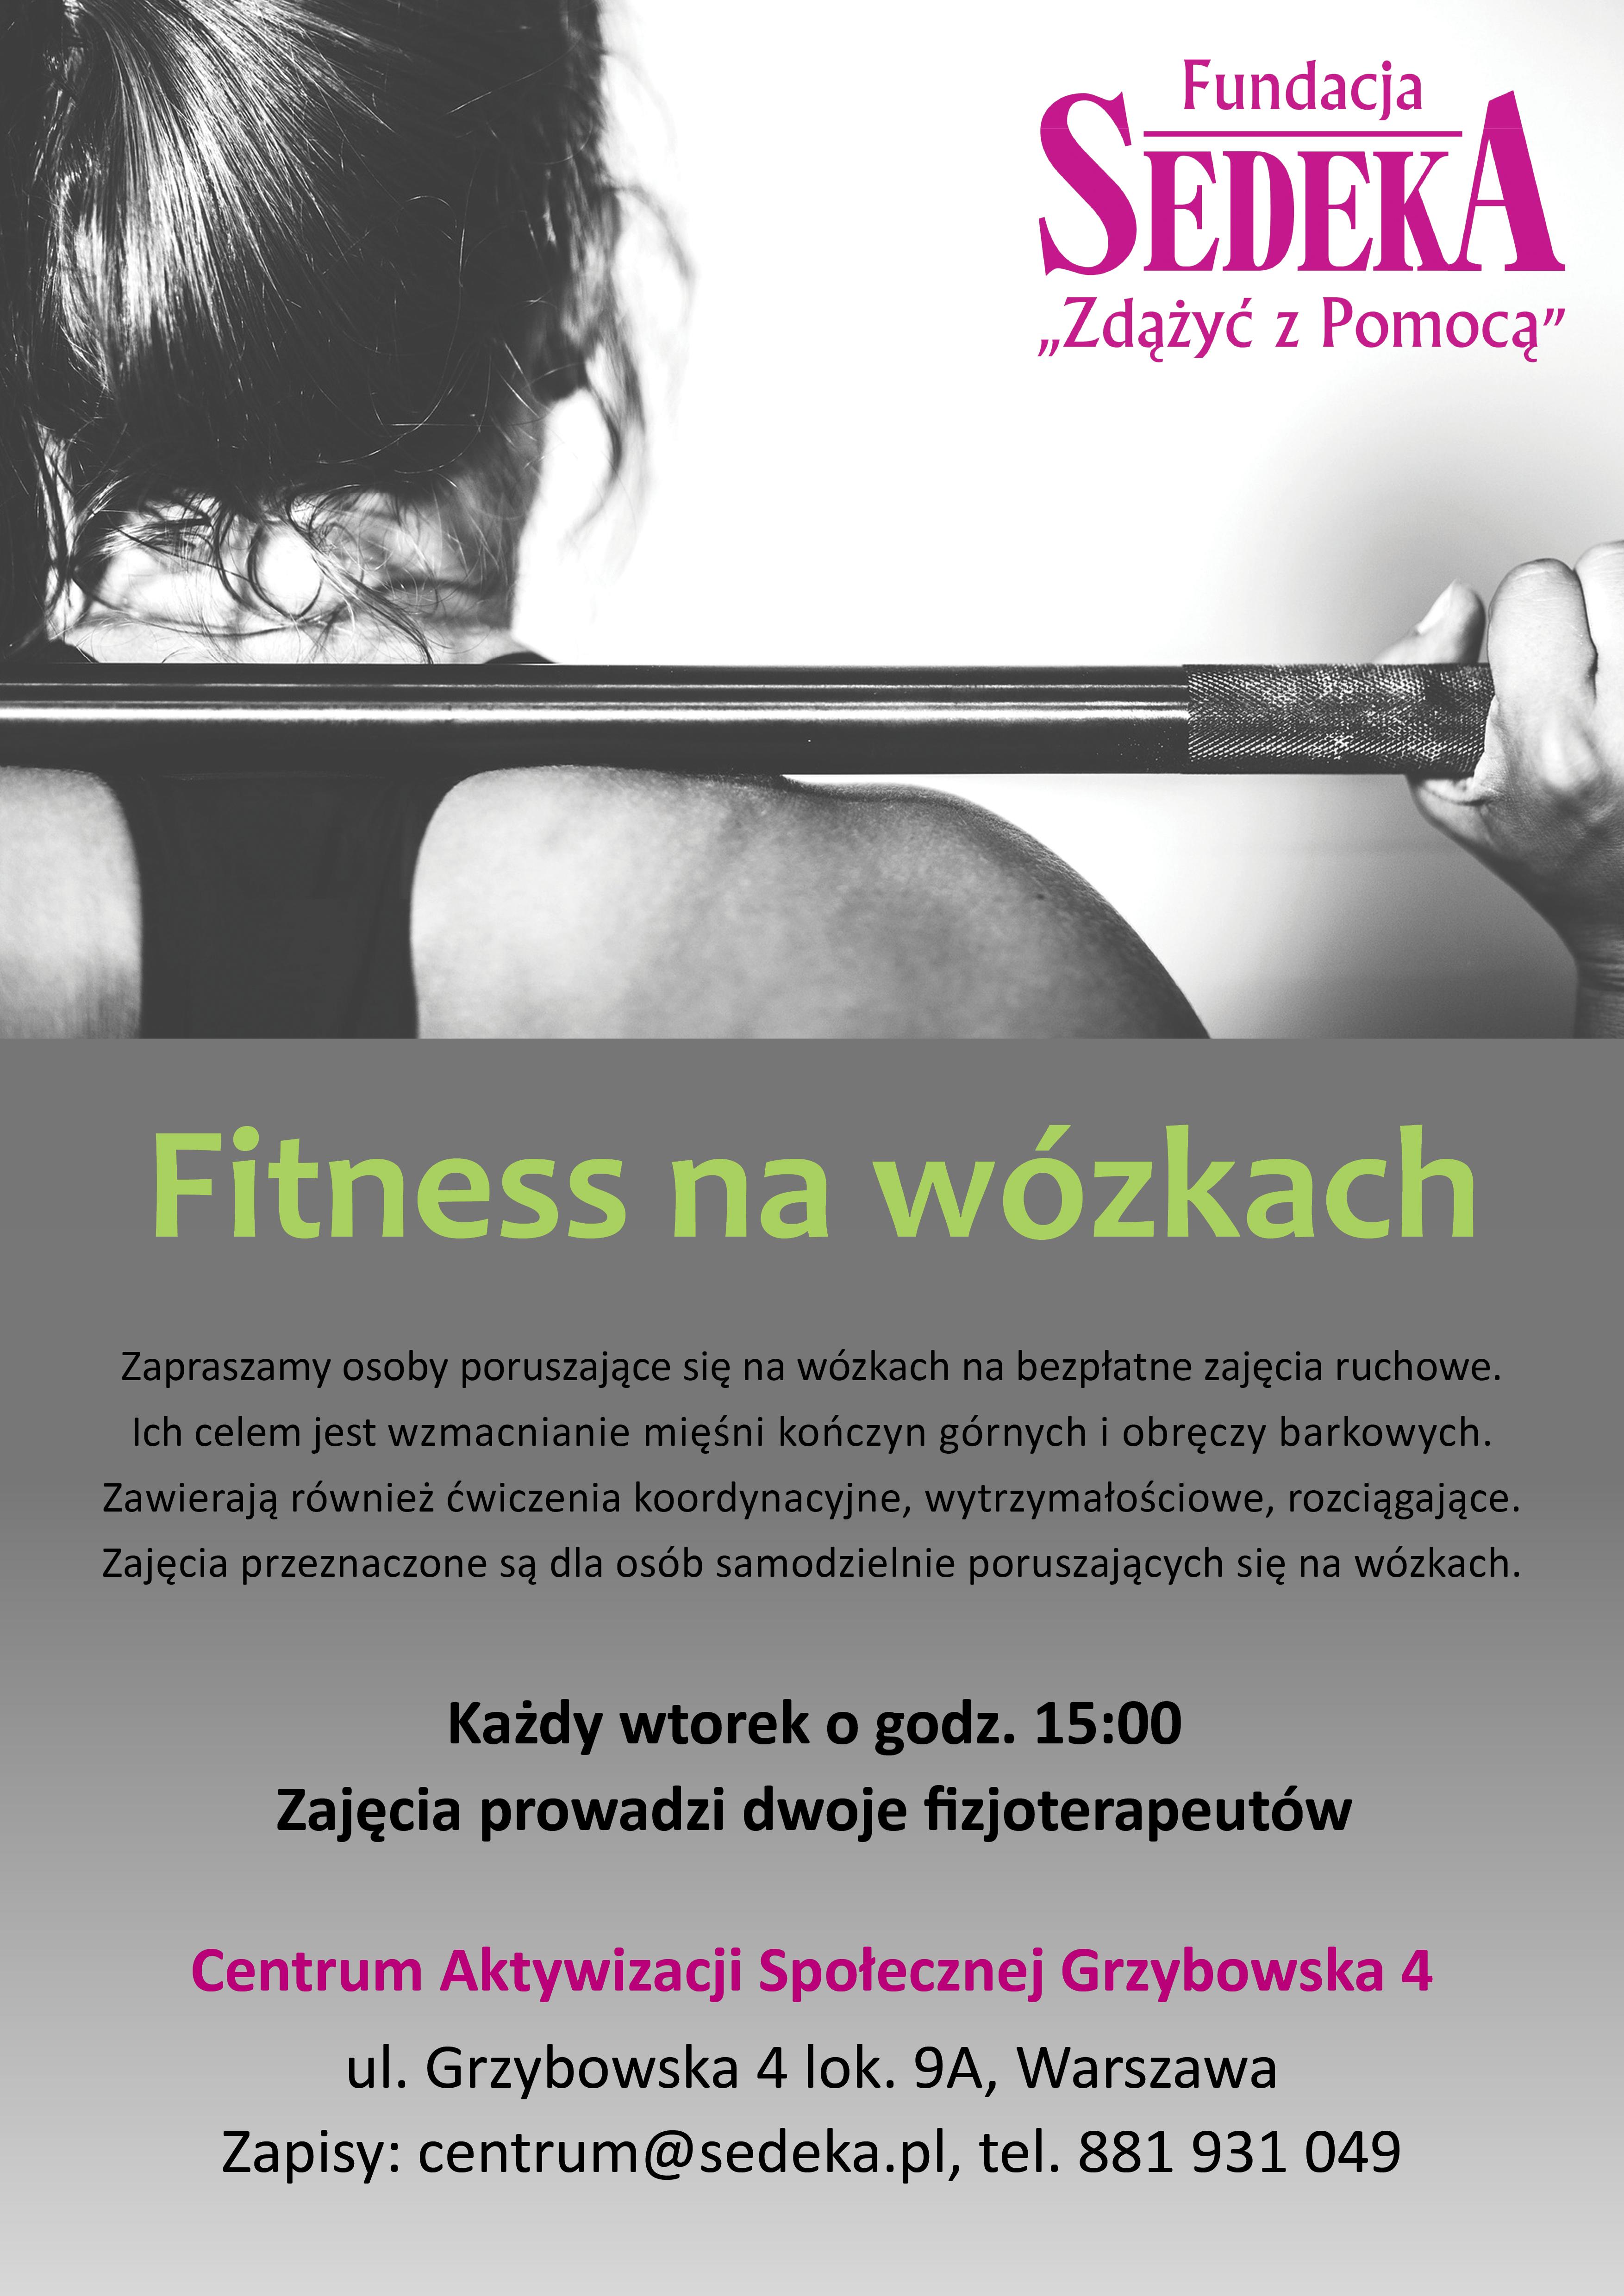 fitness na wózkach